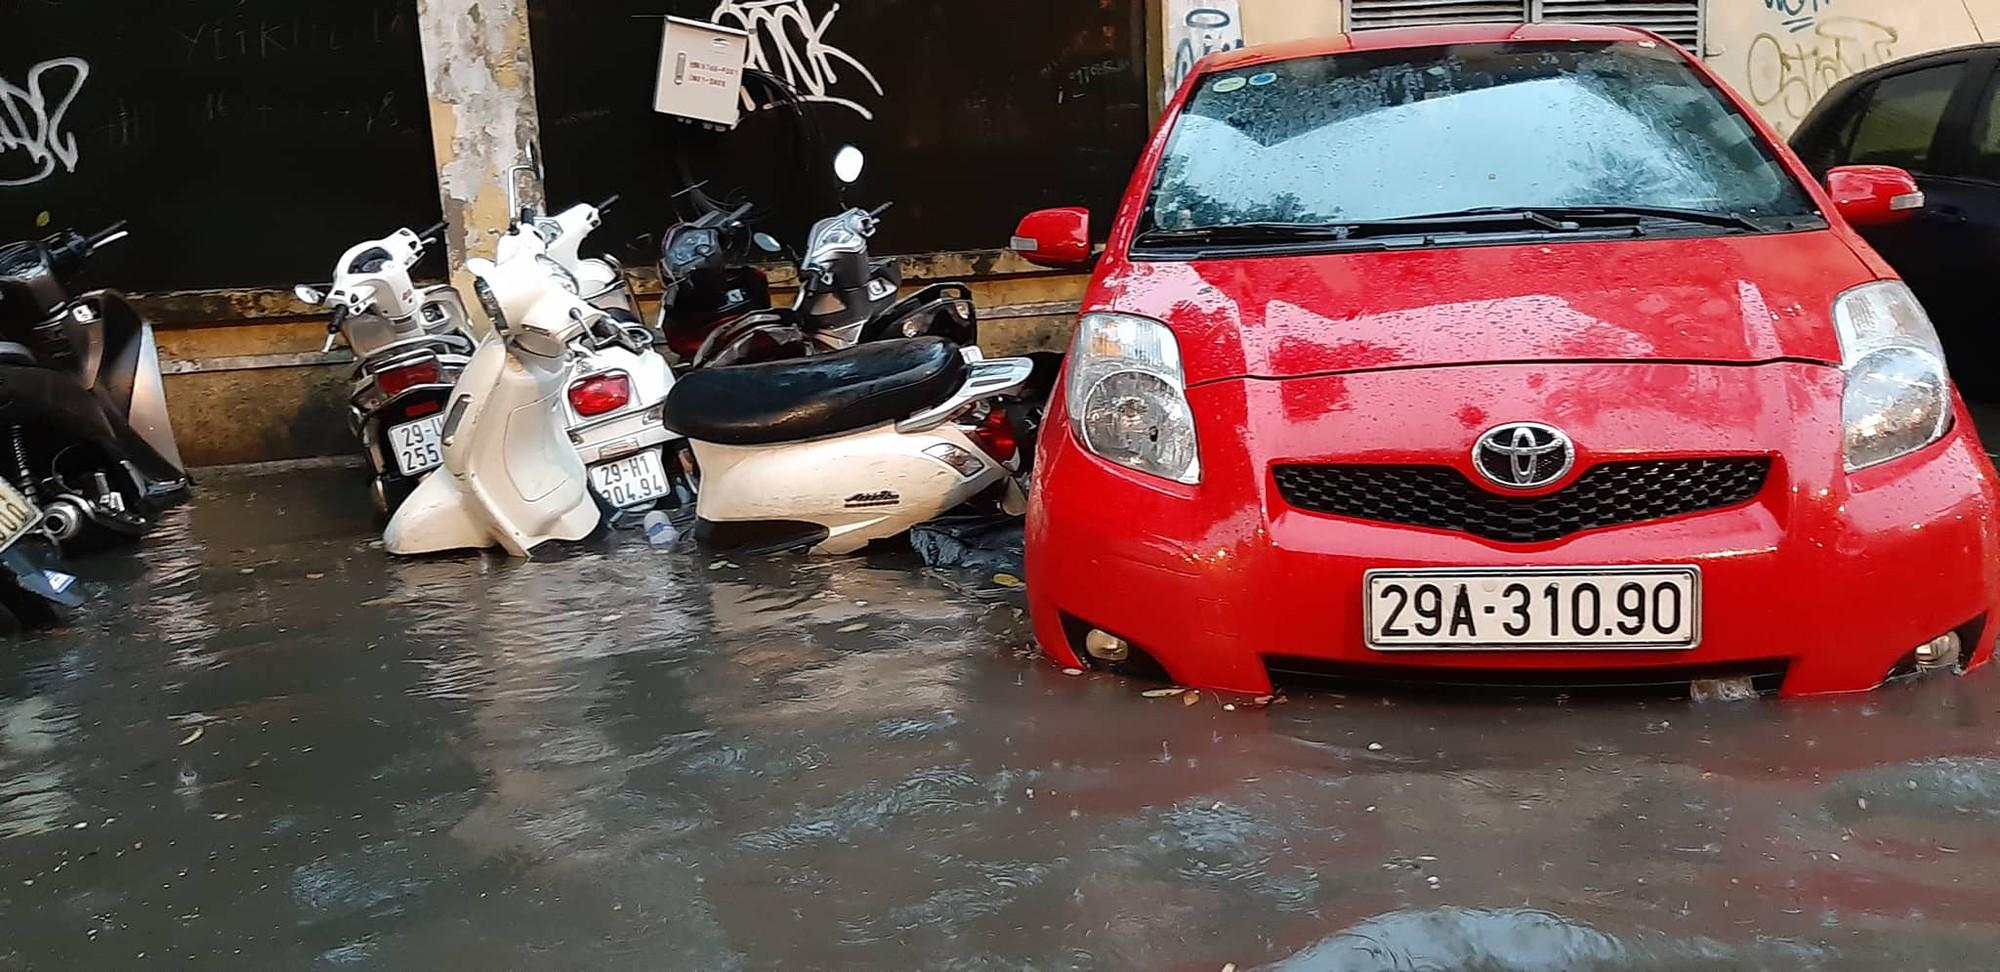 Hà Nội: Mưa lớn bất chật, nhiều tuyến phố ngập sâu trong nước10